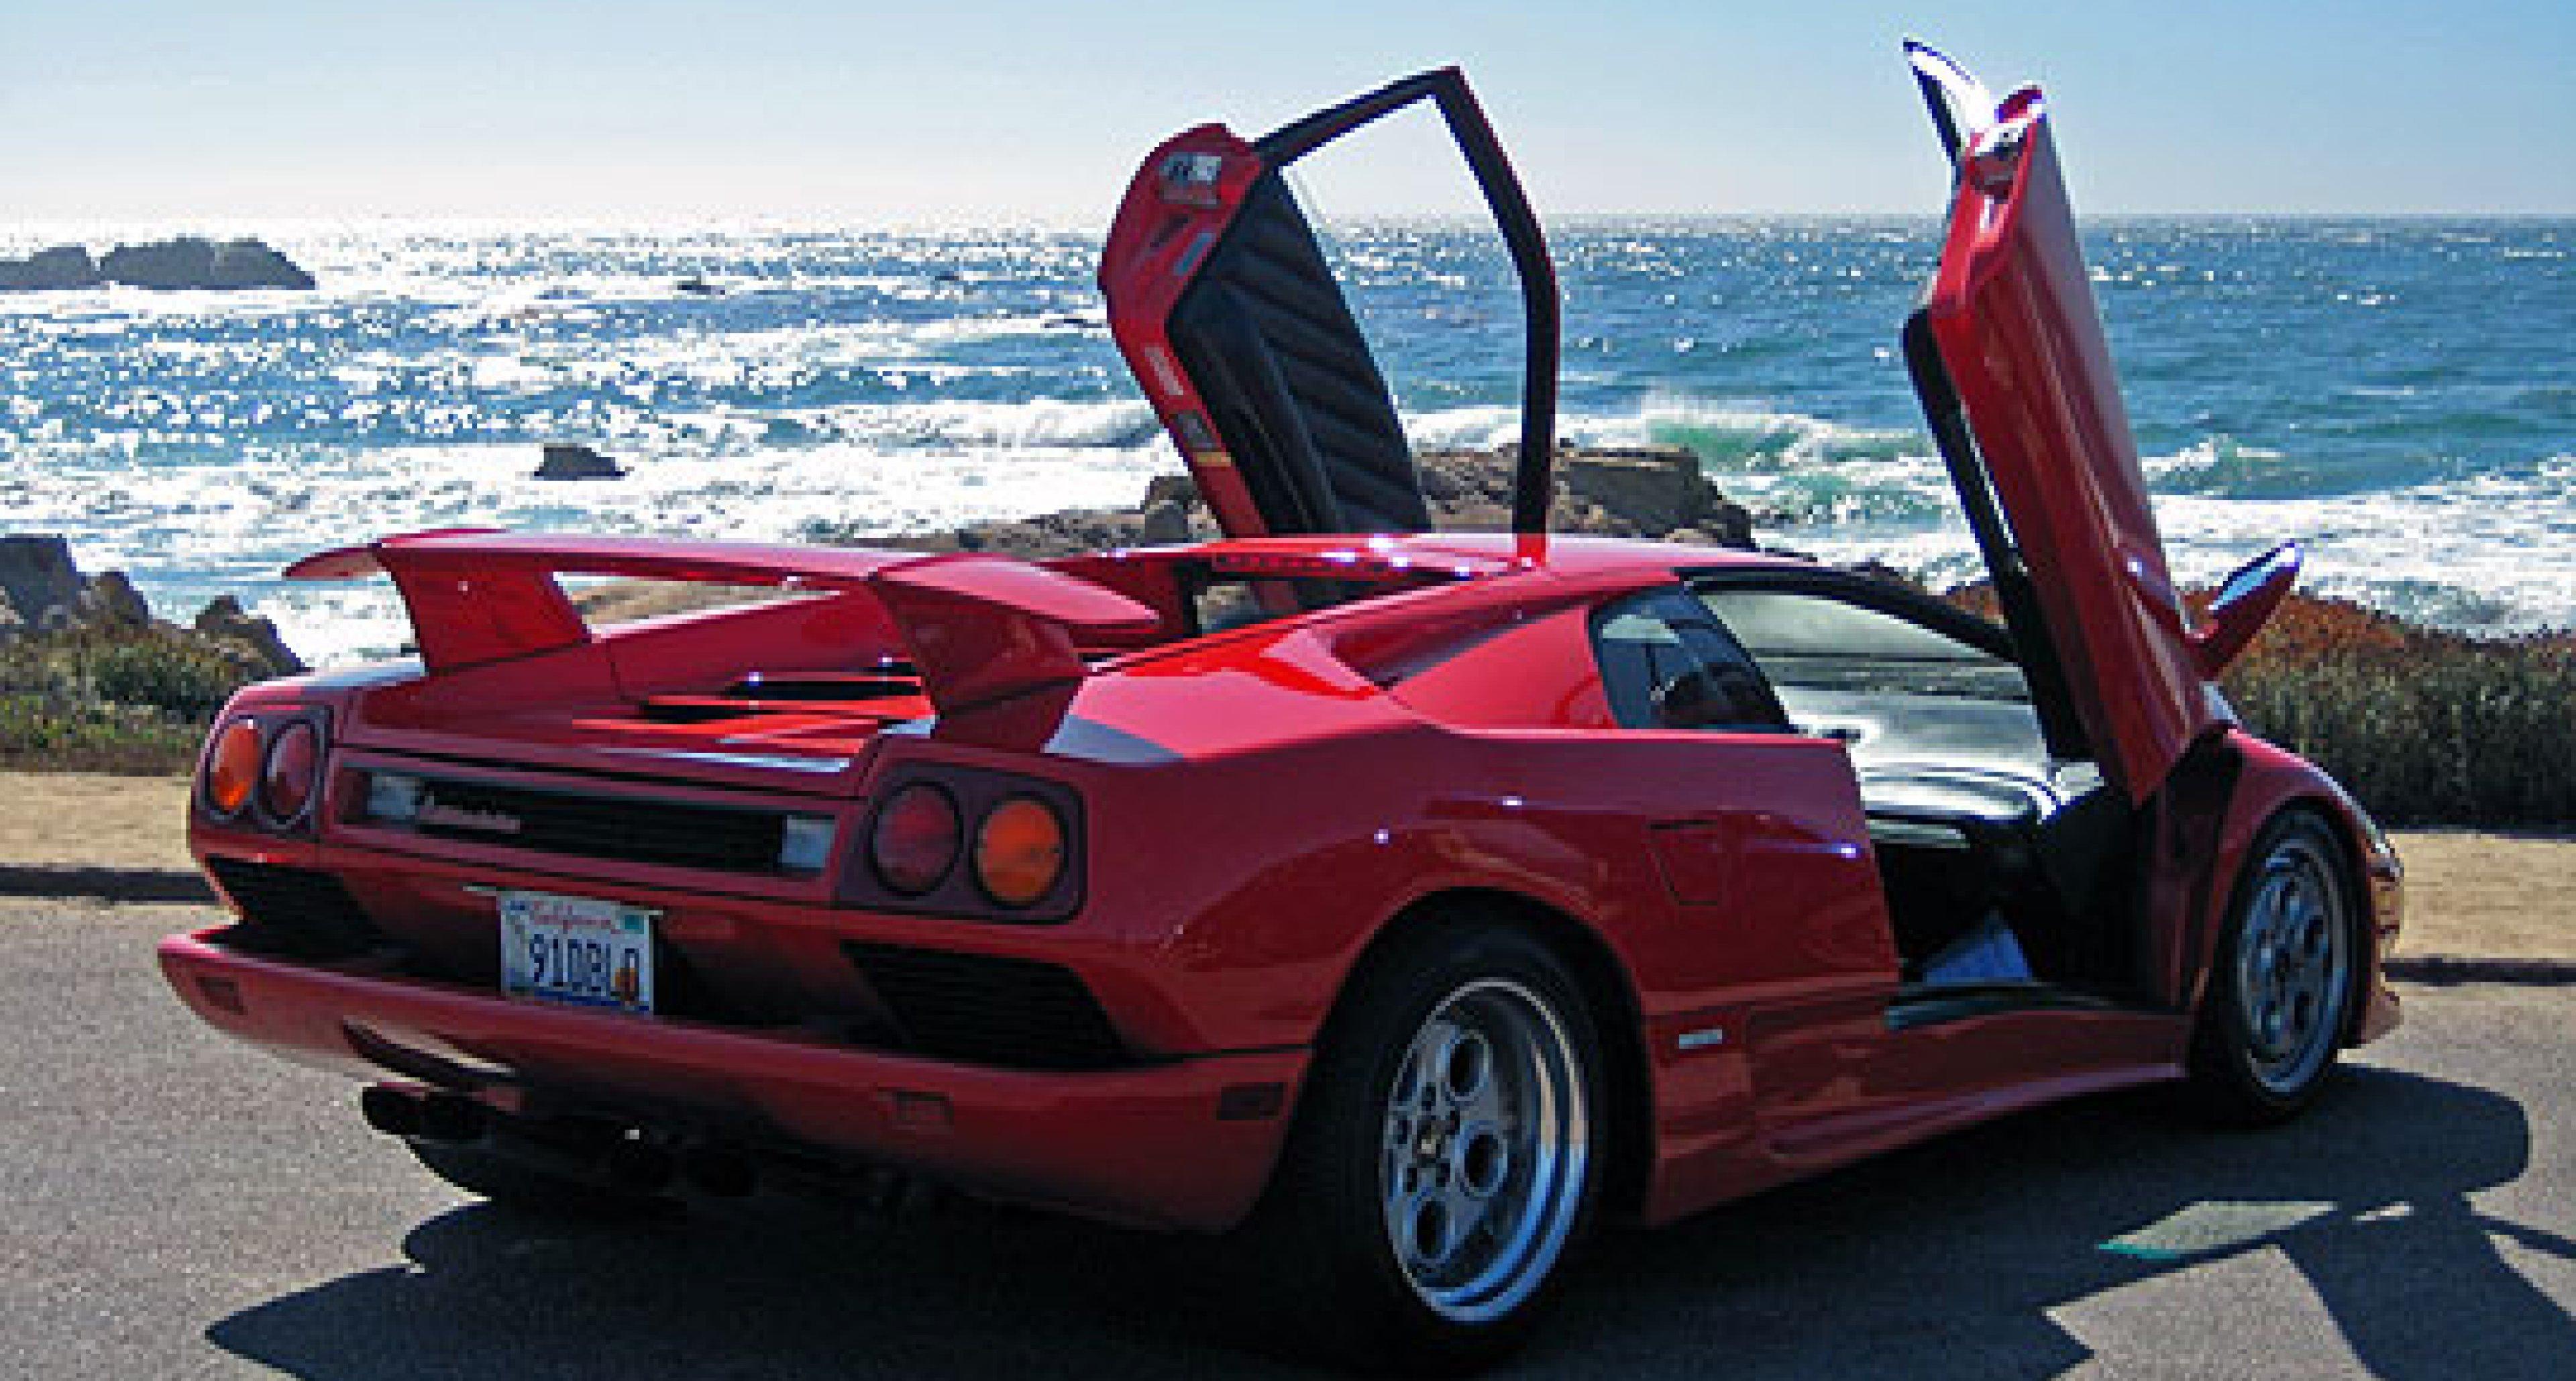 La Dolce Vita Automobili 2009